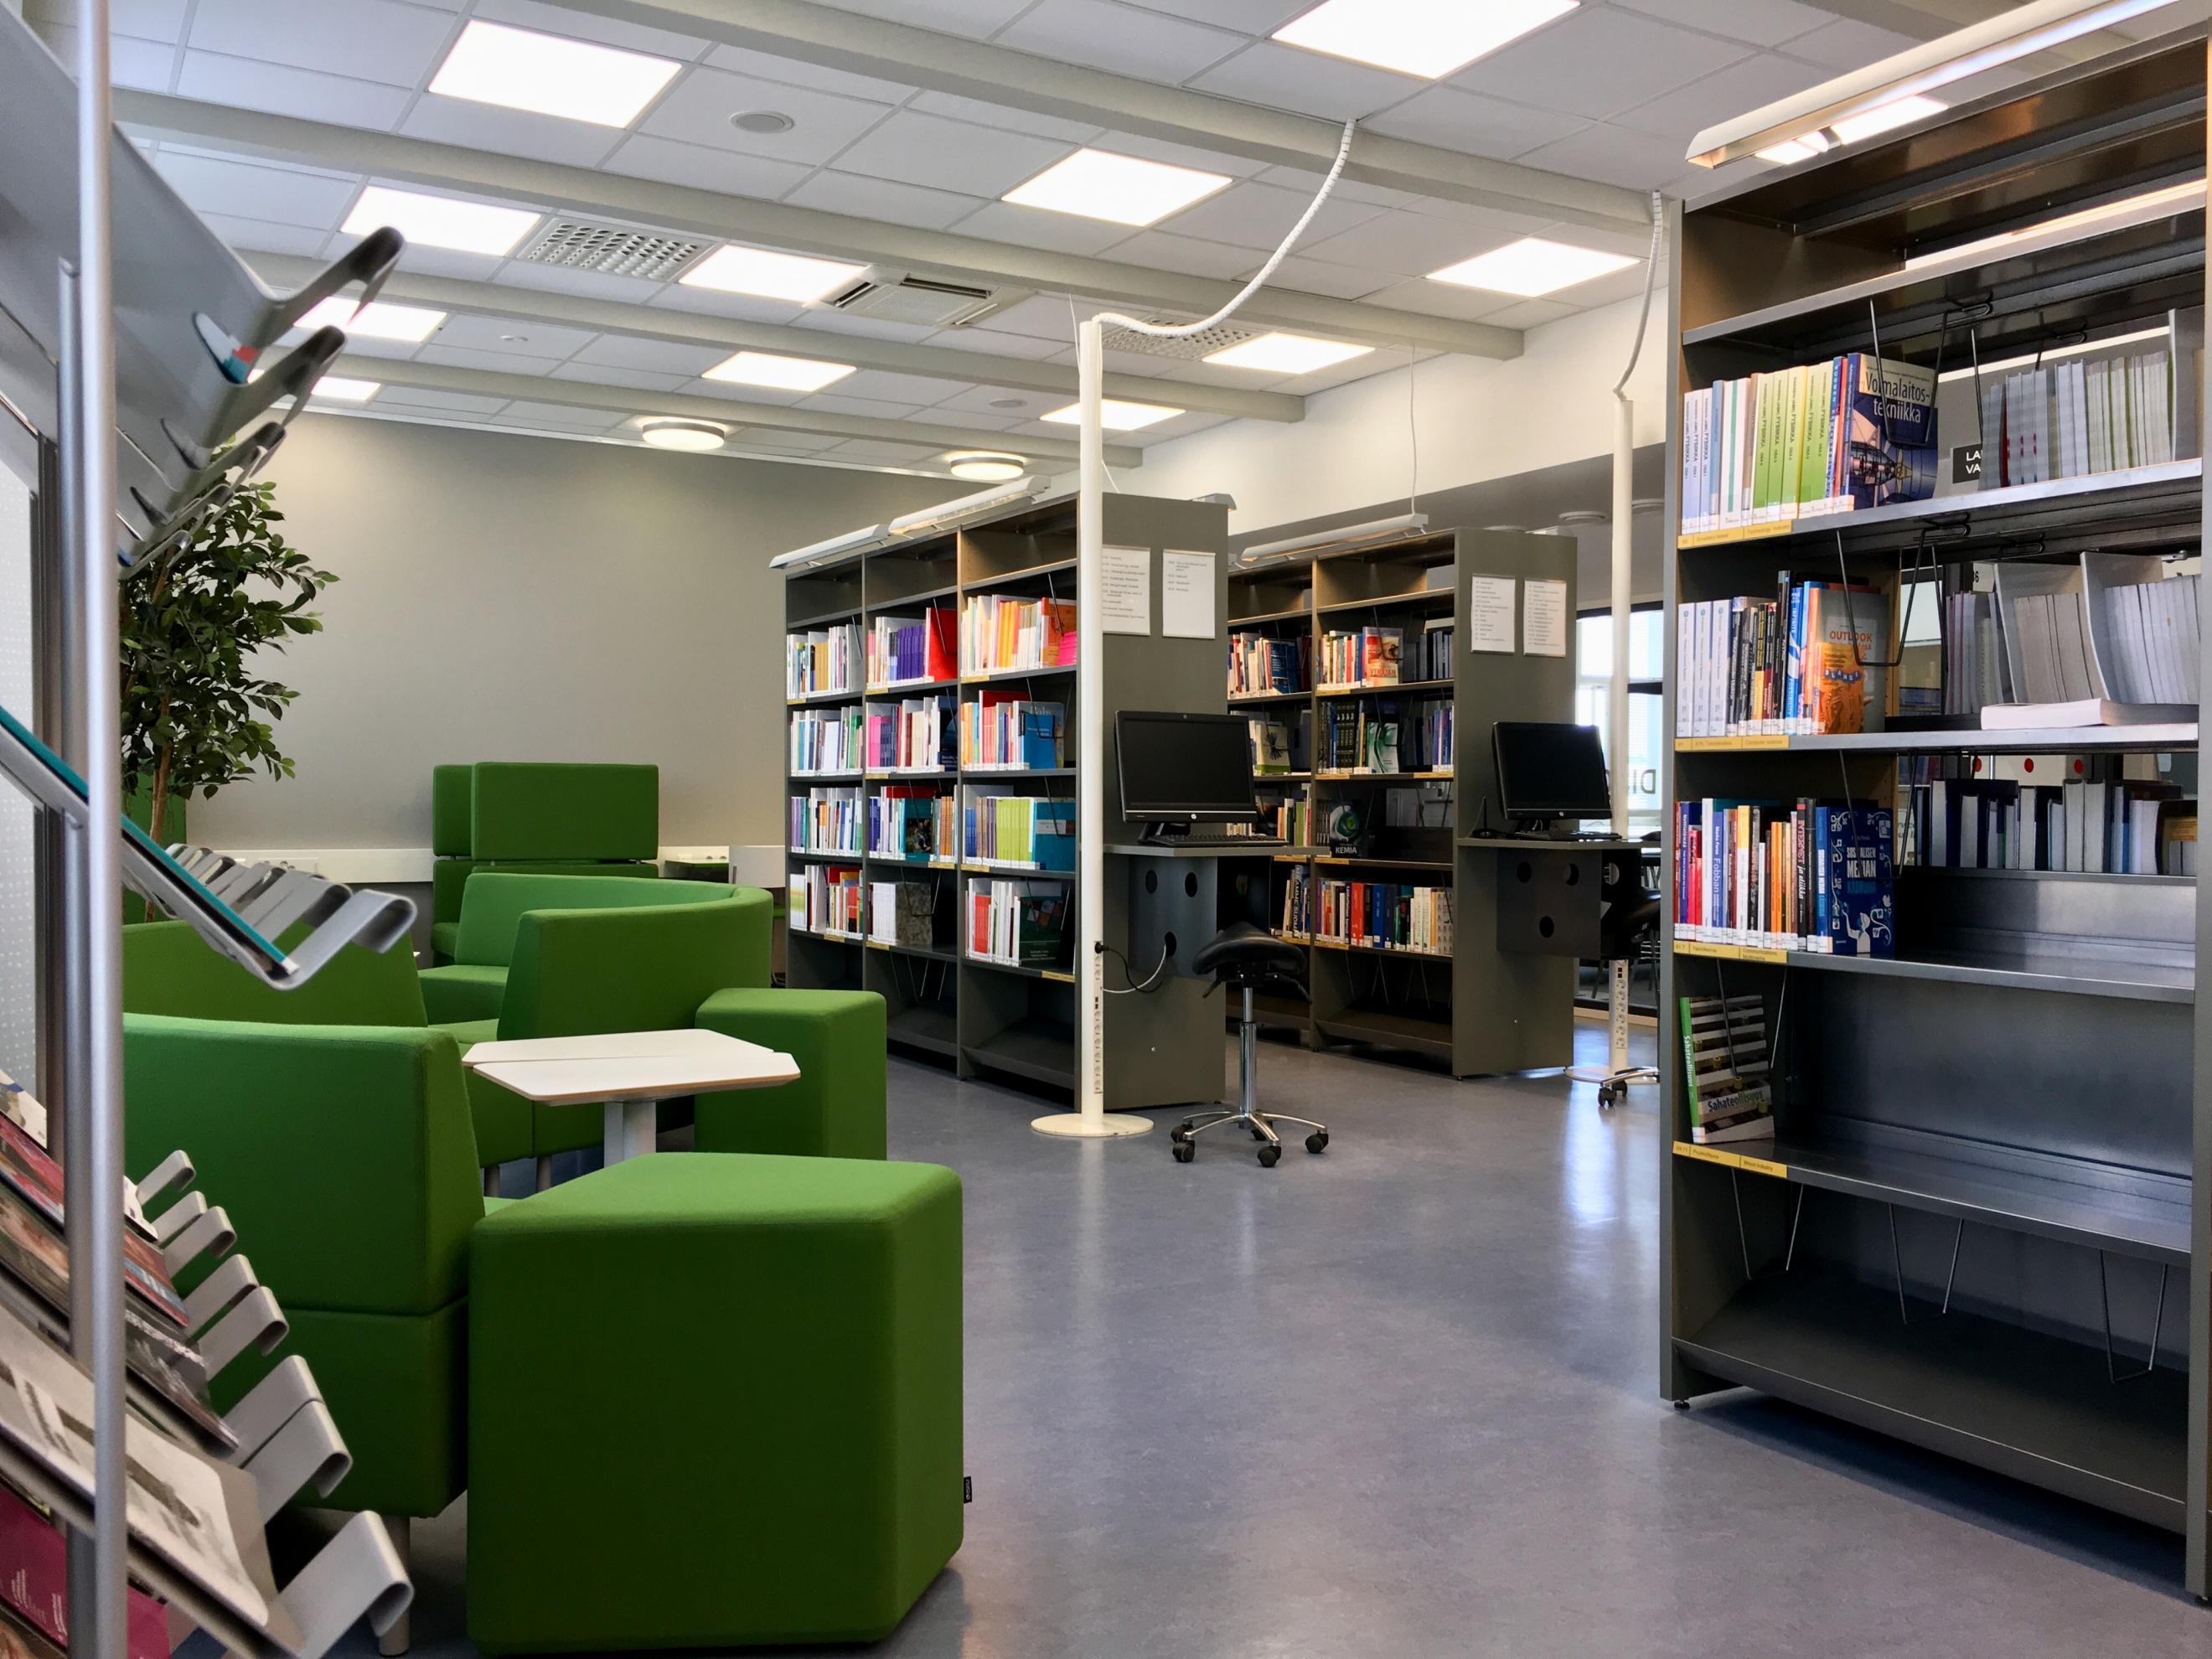 Savonlinnan kampuskirjasto (Xamk) – Kirjastohakemisto